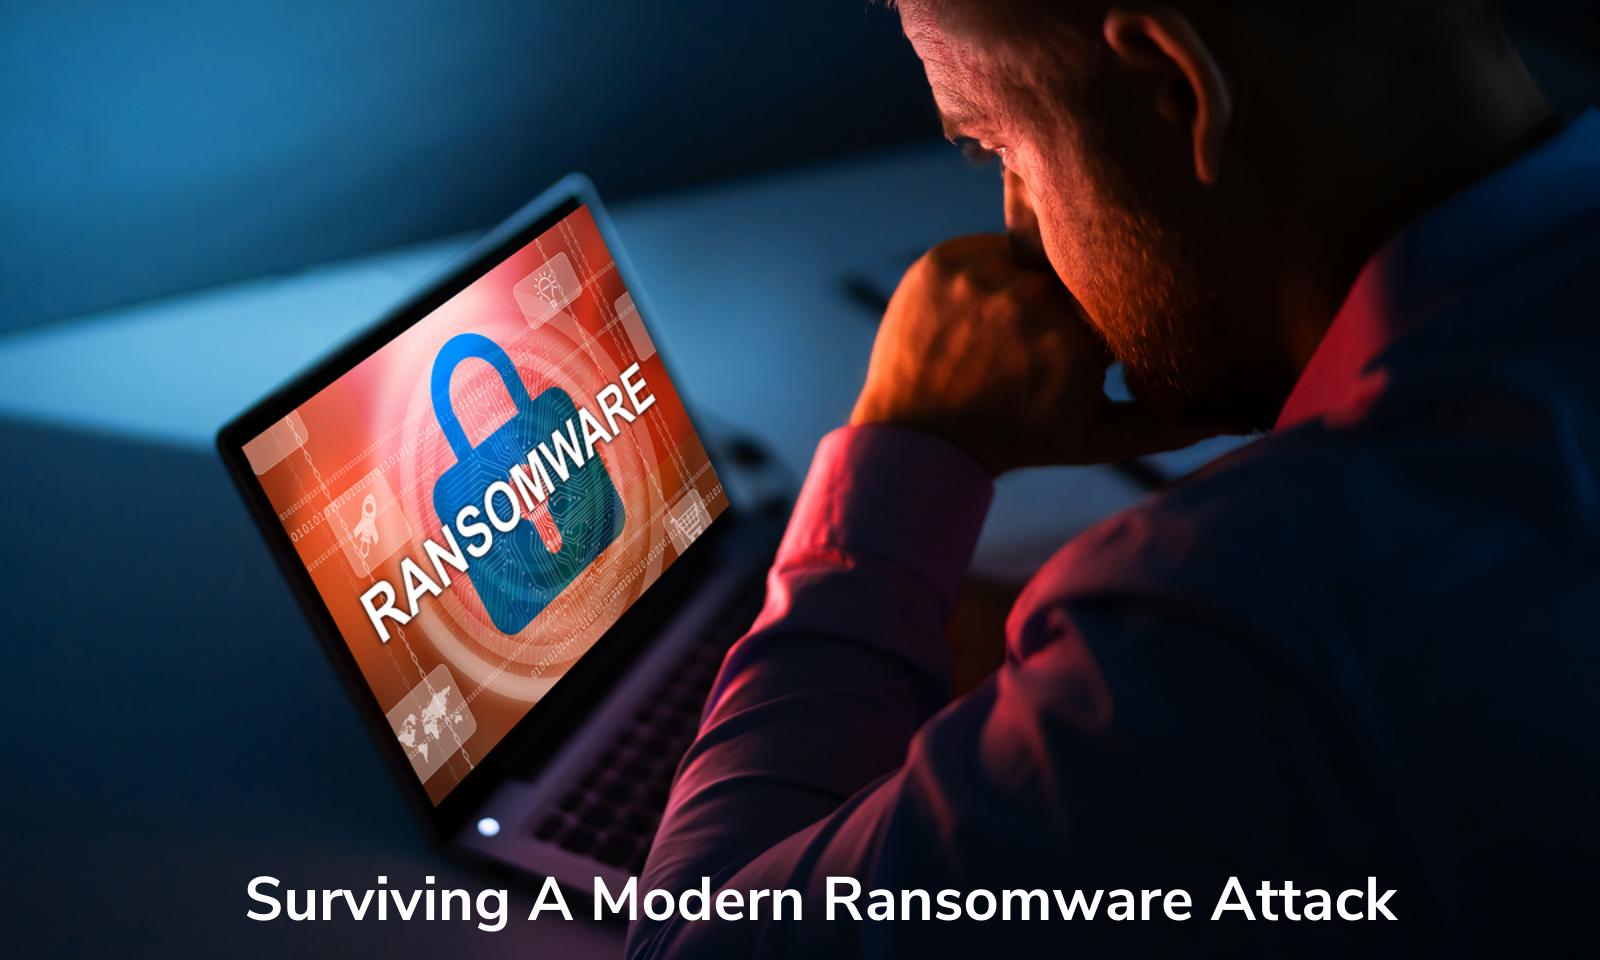 Sobrevivendo a um ataque de ransomware moderno